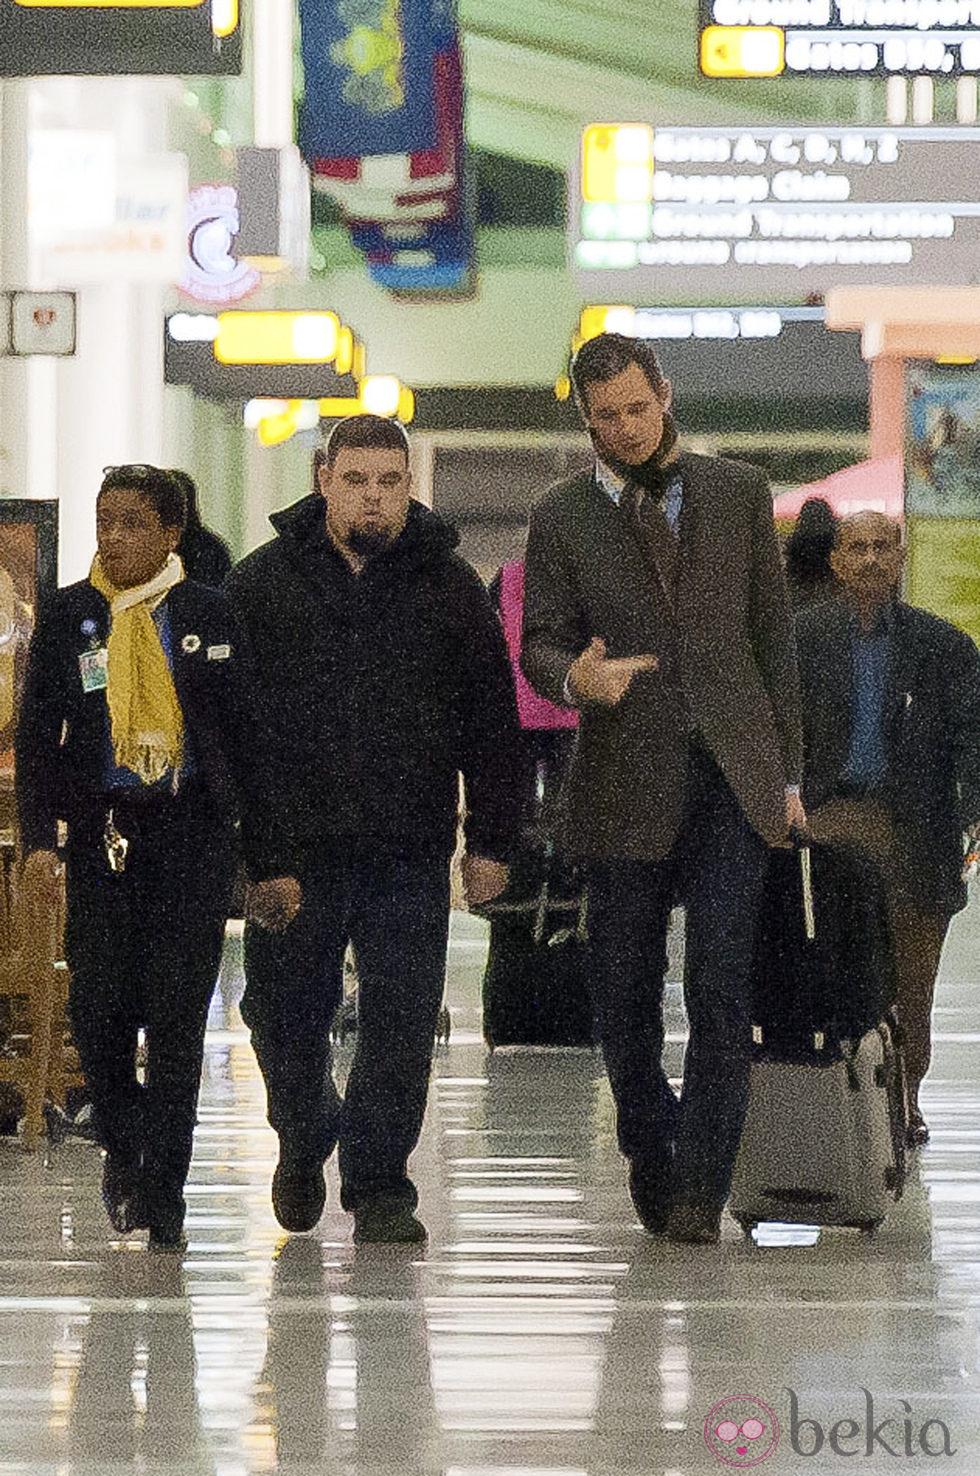 Iñaki Urdangarín reaparece en Washington tras ser imputado